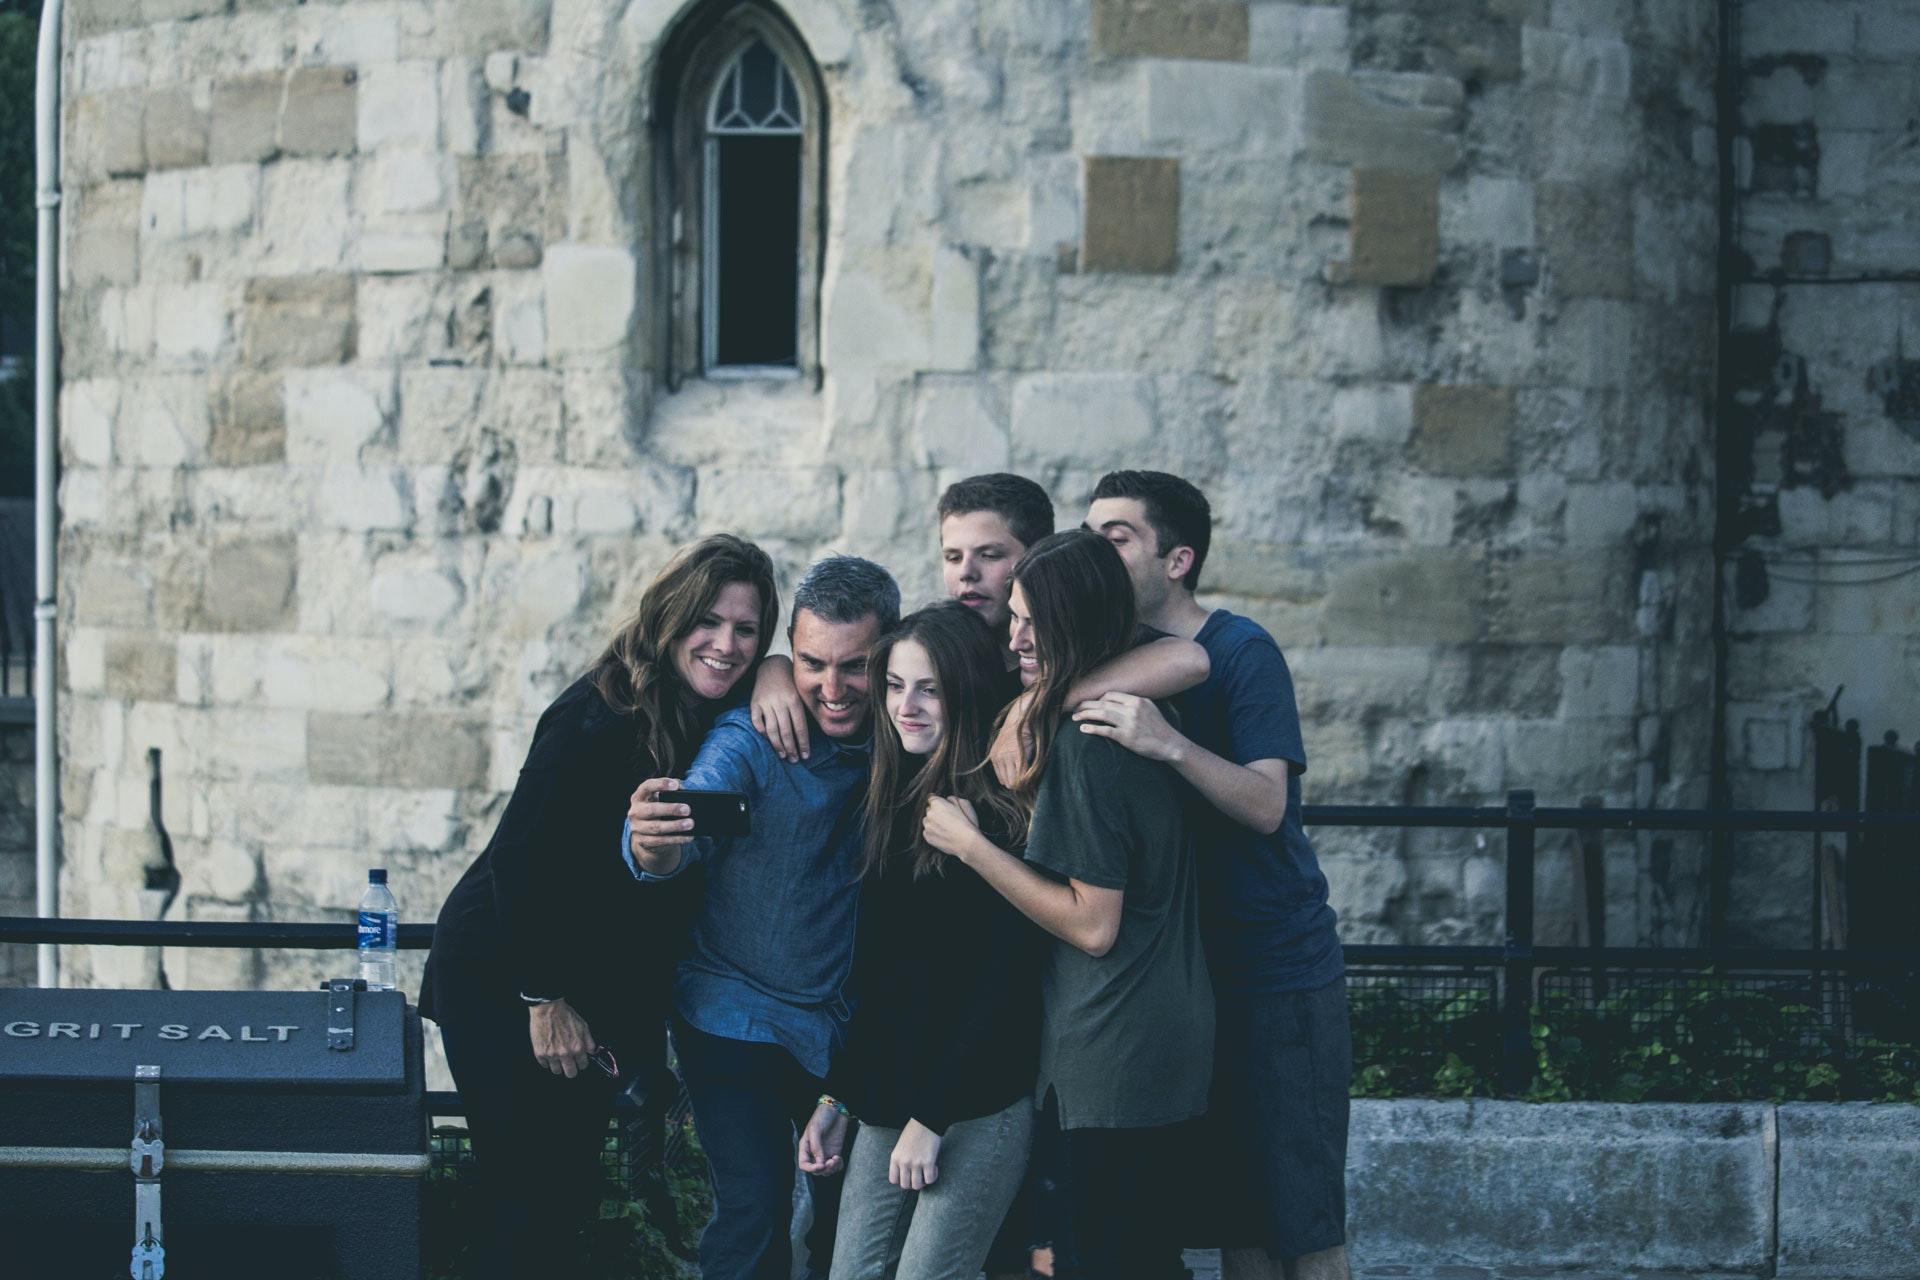 Kako preživljavaju mladi bez druženja i izlazaka: 'Ja sam se na neki način odviknula od toga'